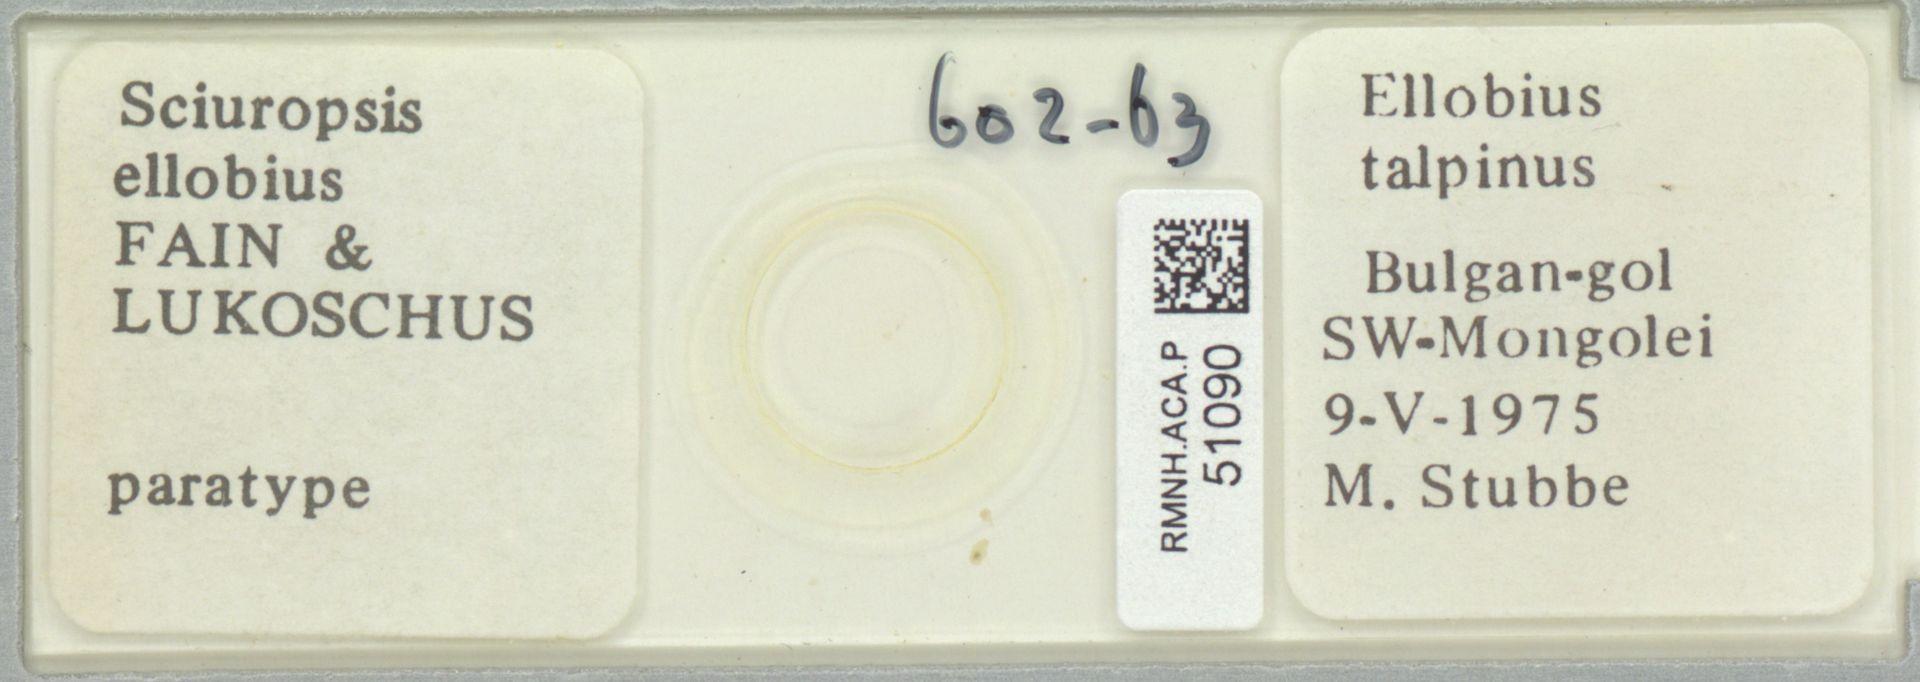 RMNH.ACA.P.51090   Sciuropsis ellobius Fain & Lukoschus